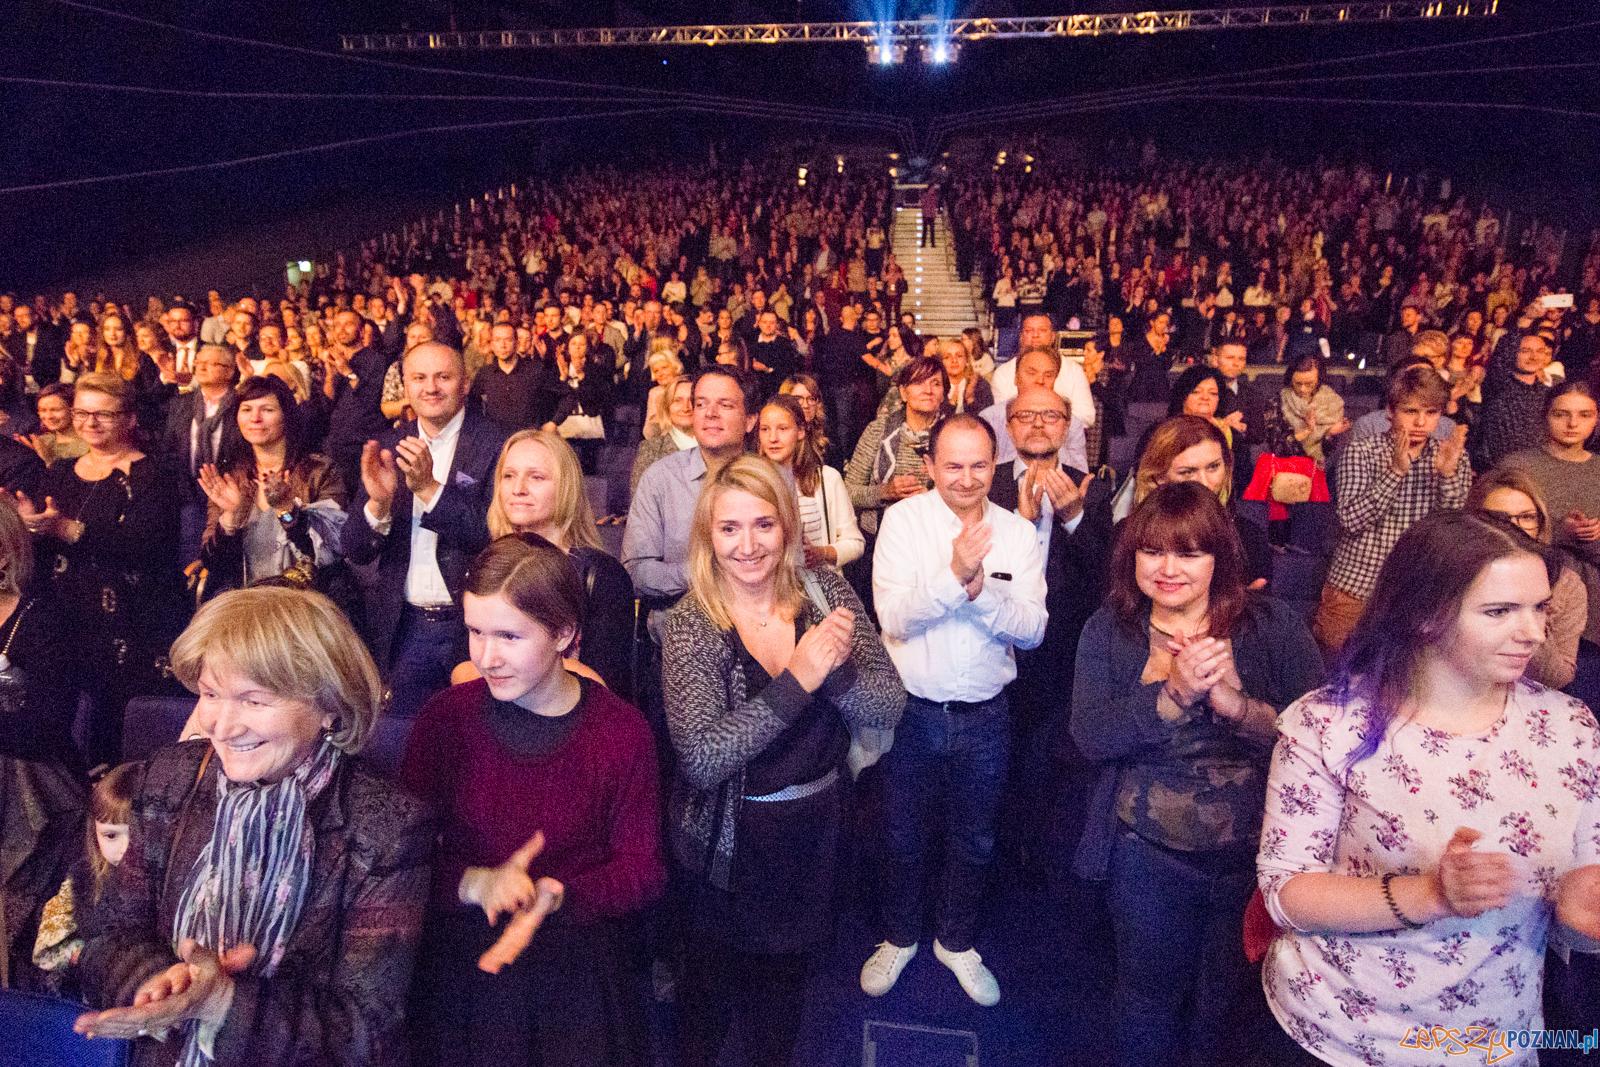 La La Land In Concert  Foto: lepszyPOZNAN.pl/Piotr Rychter